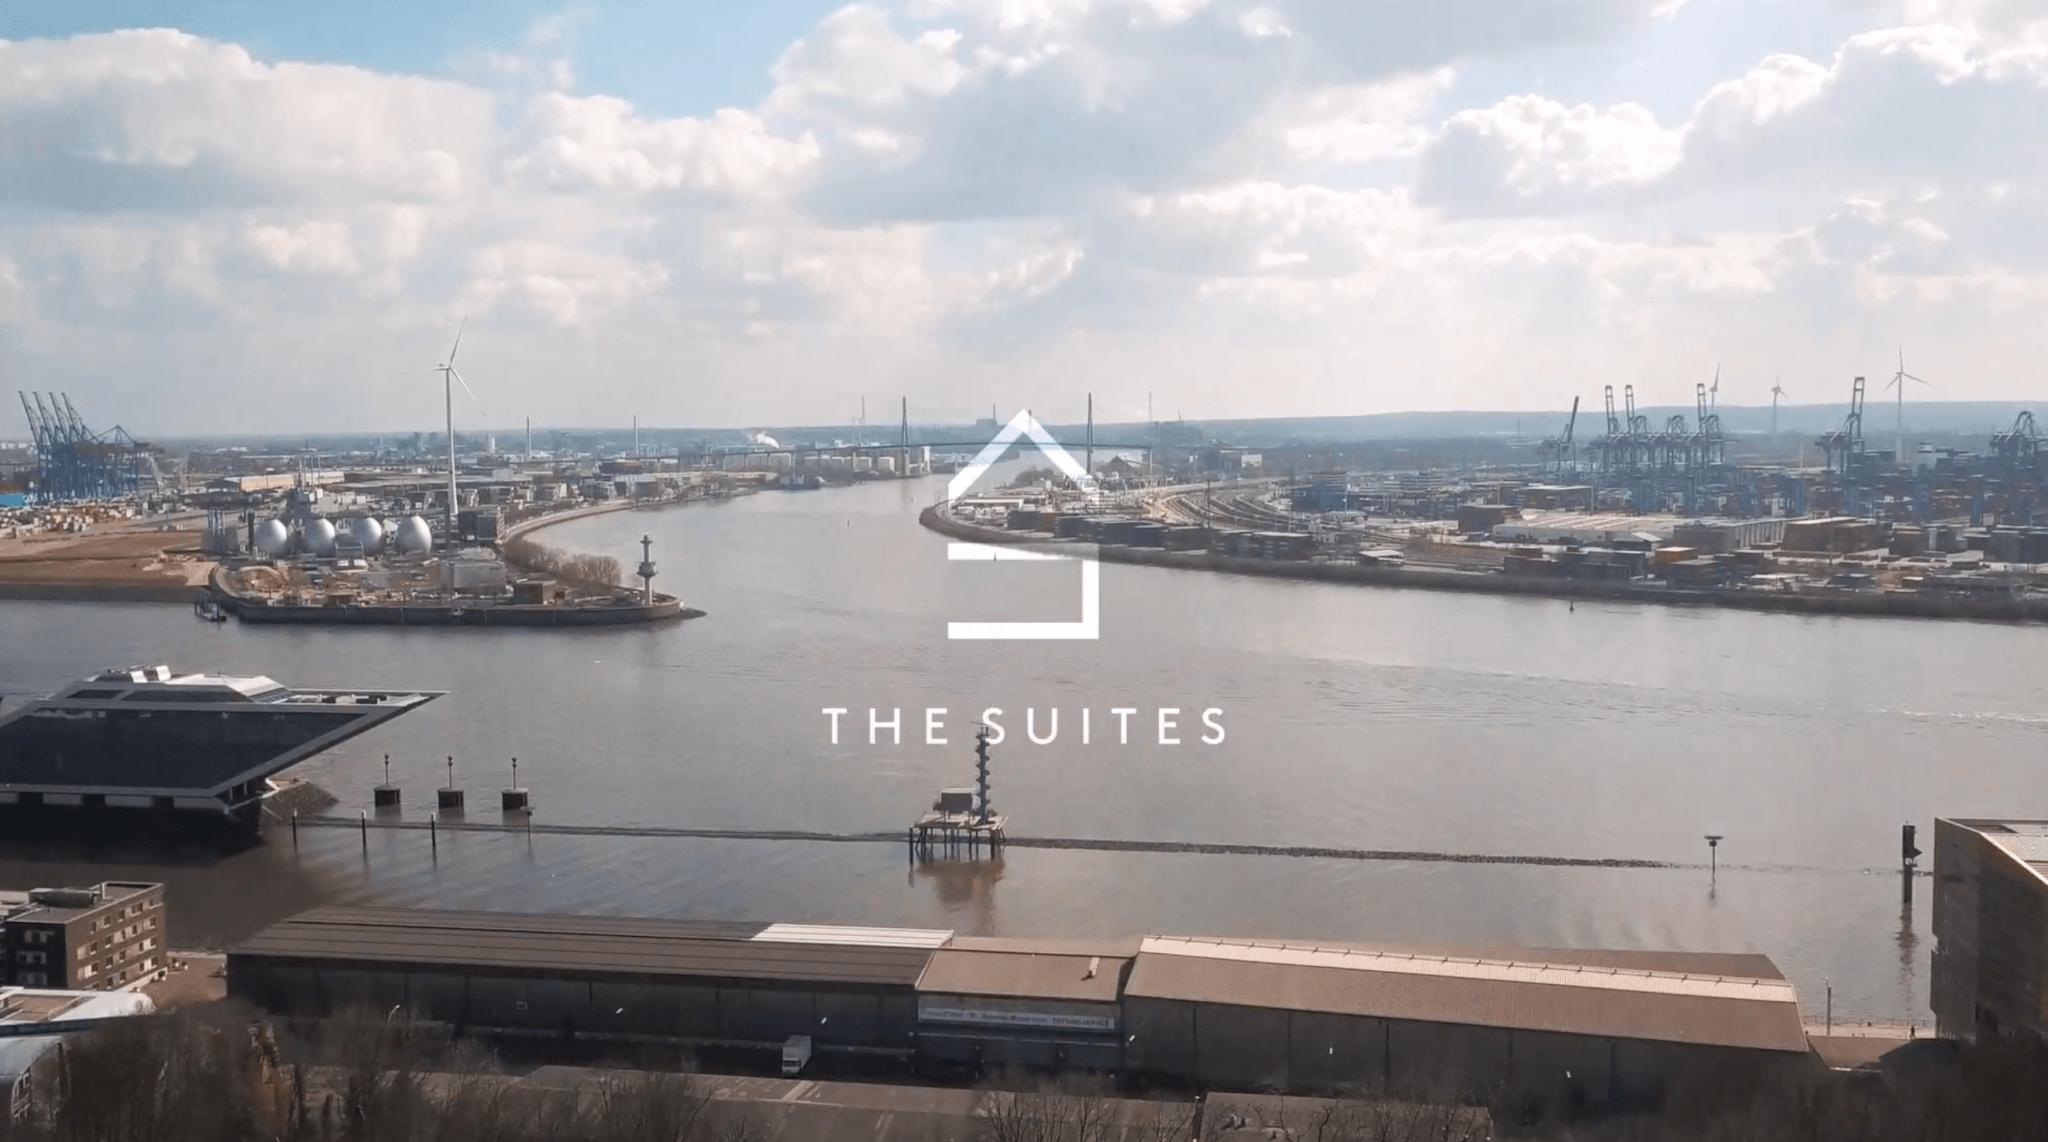 Suites Hamburg Property Management, The Suites Hamburg und Smoobu Property Management System